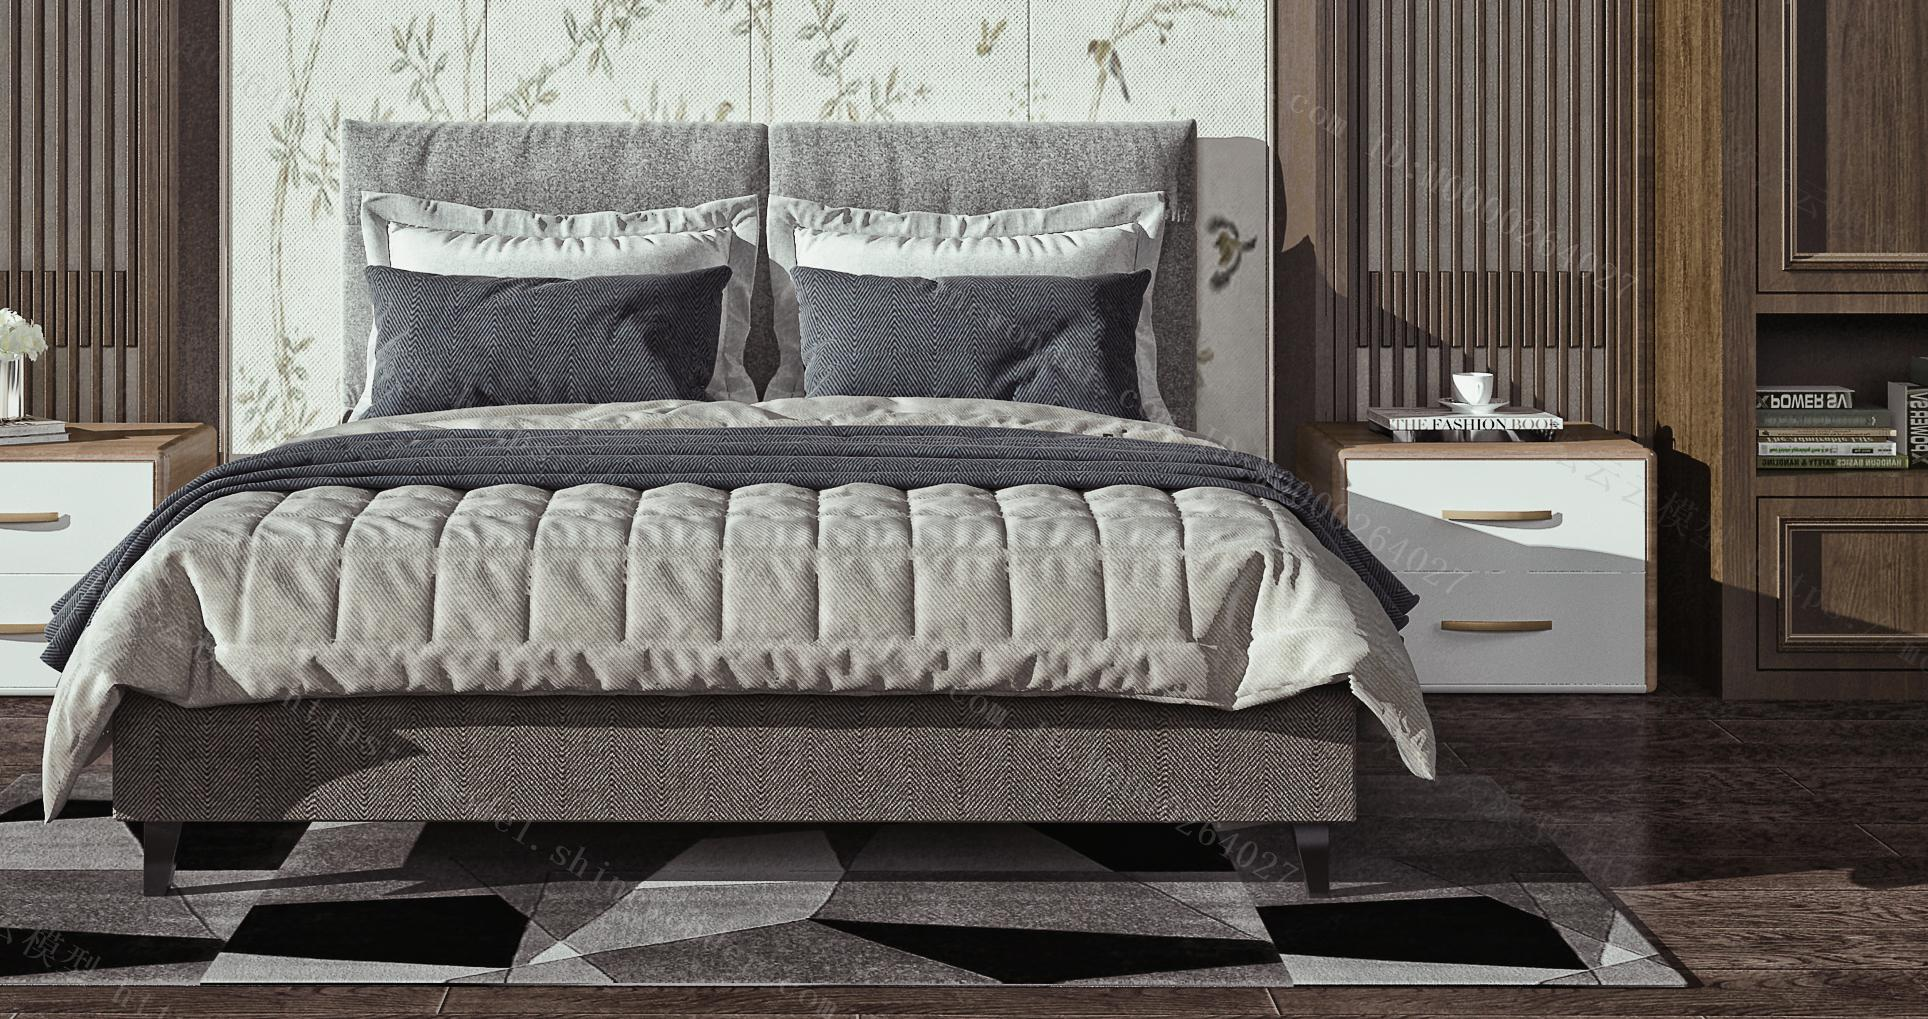 卧室双人床  吊灯  床头柜   衣柜模型